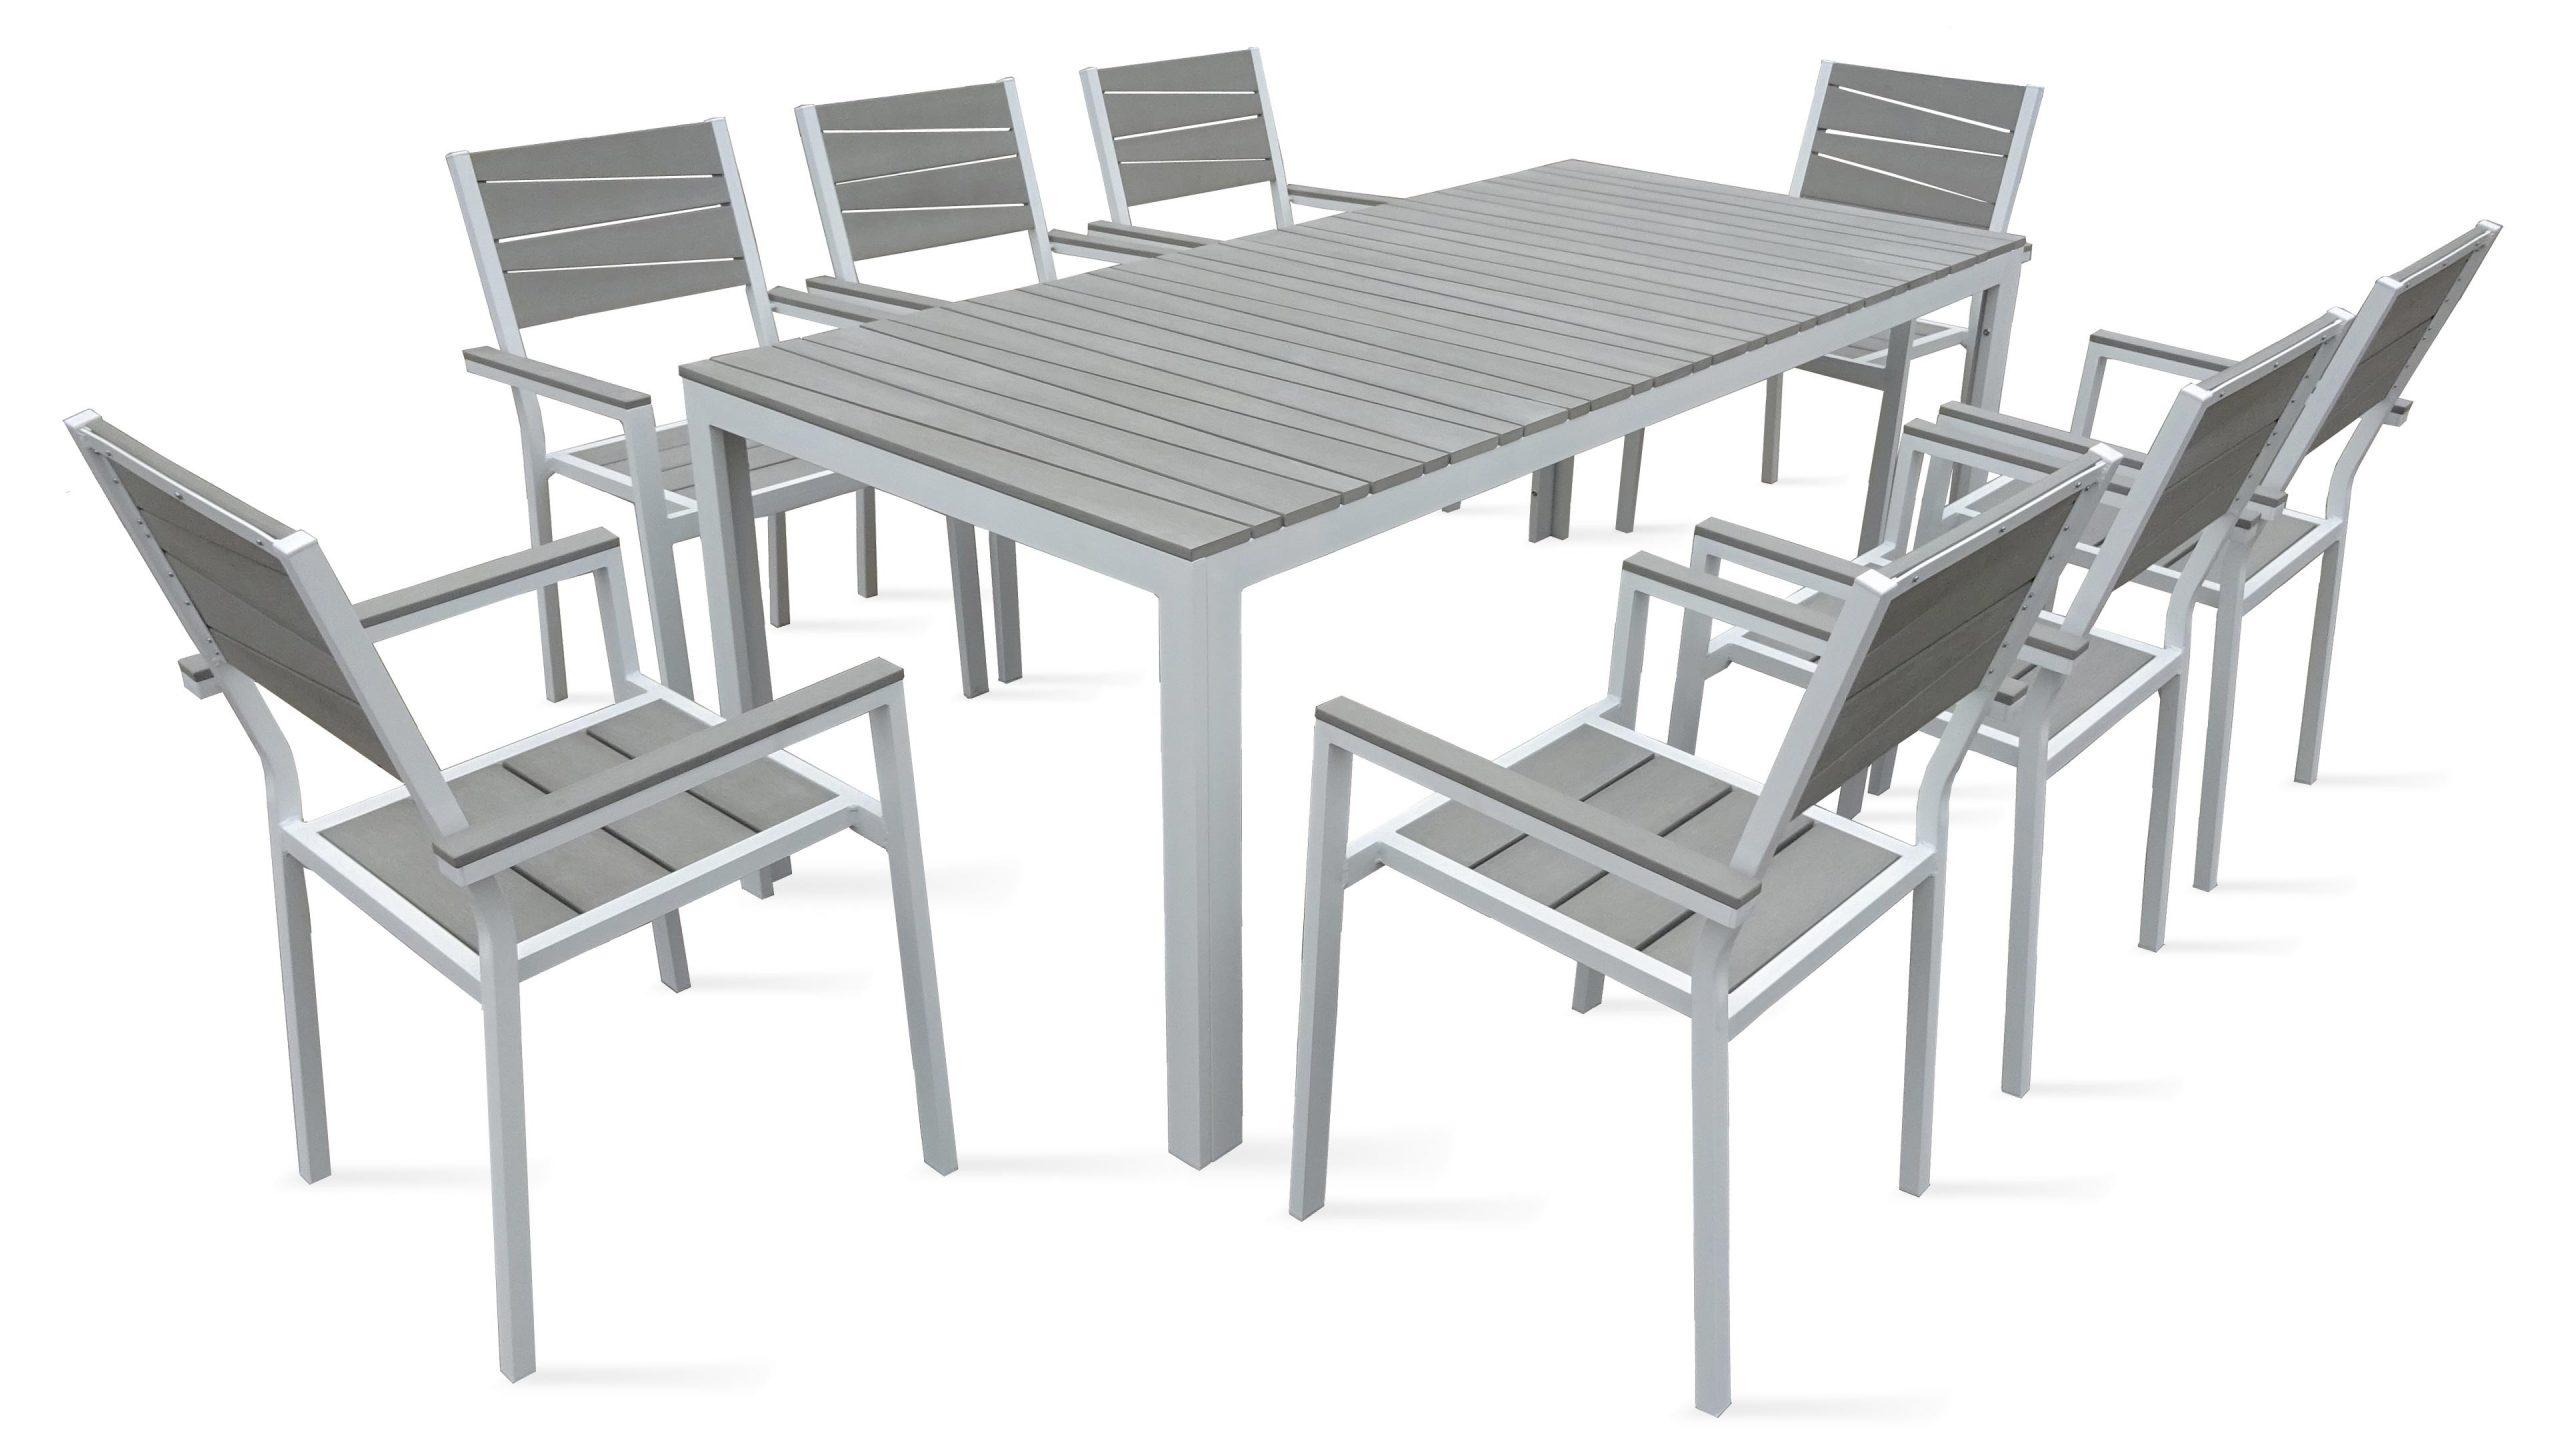 Table De Jardin 8 Places Aluminium Polywood tout Salon De Jardin Alu Pas Cher